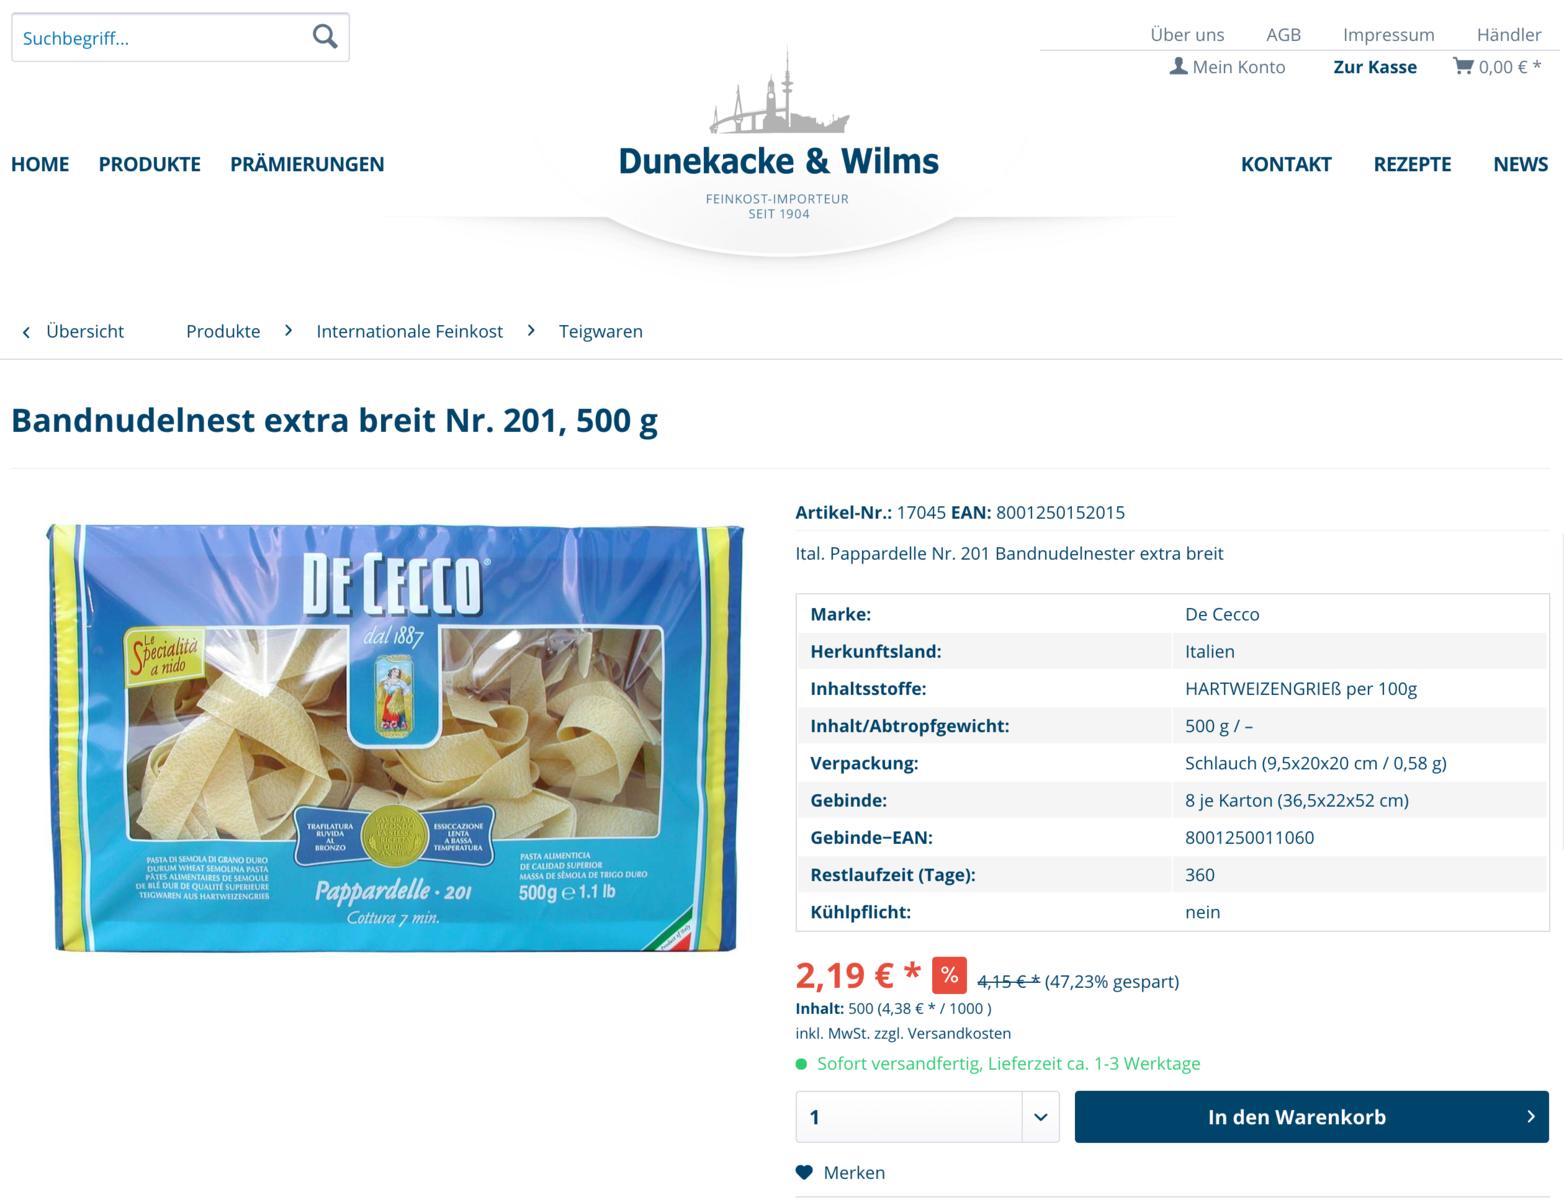 All In Online: Express-Webshop für Dunekacke & Wilms, Feinkost Hamburg